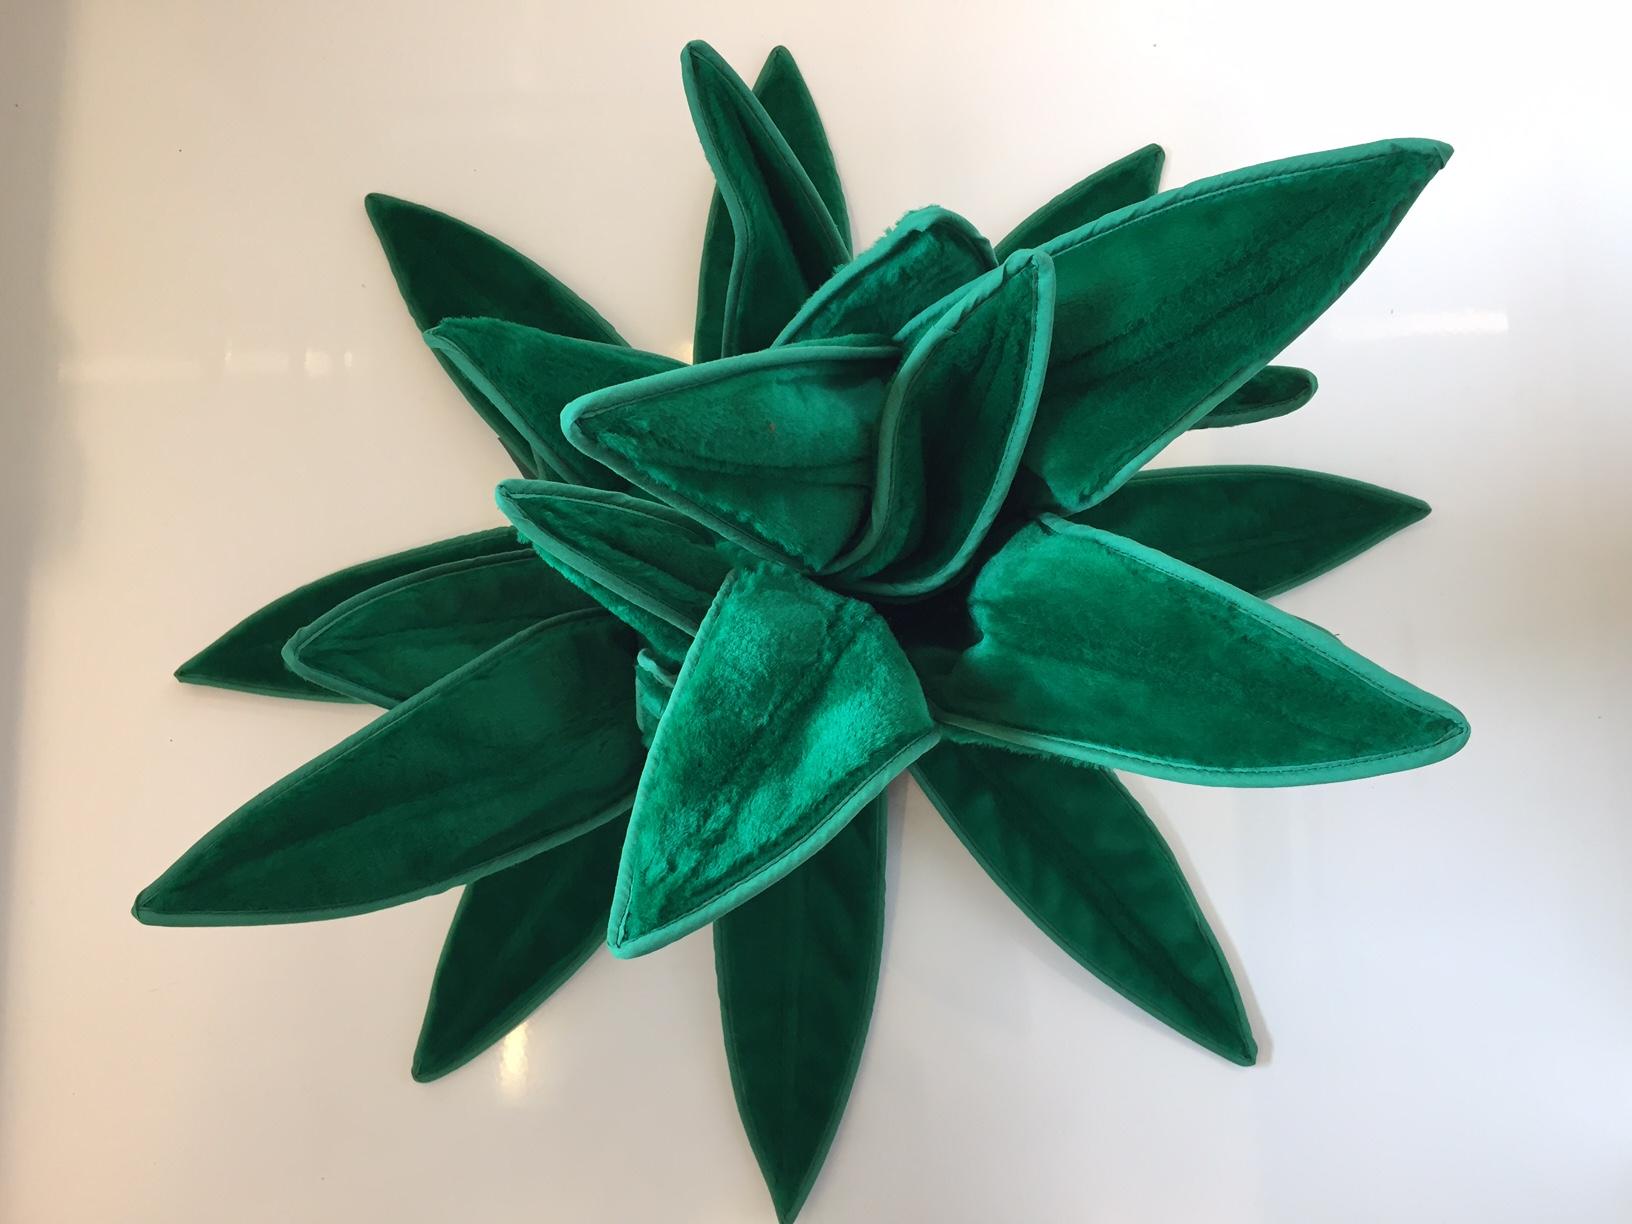 ananas kost m 164c lauffigur ist maskottchen des tages herstellung lauffiguren g nstig. Black Bedroom Furniture Sets. Home Design Ideas